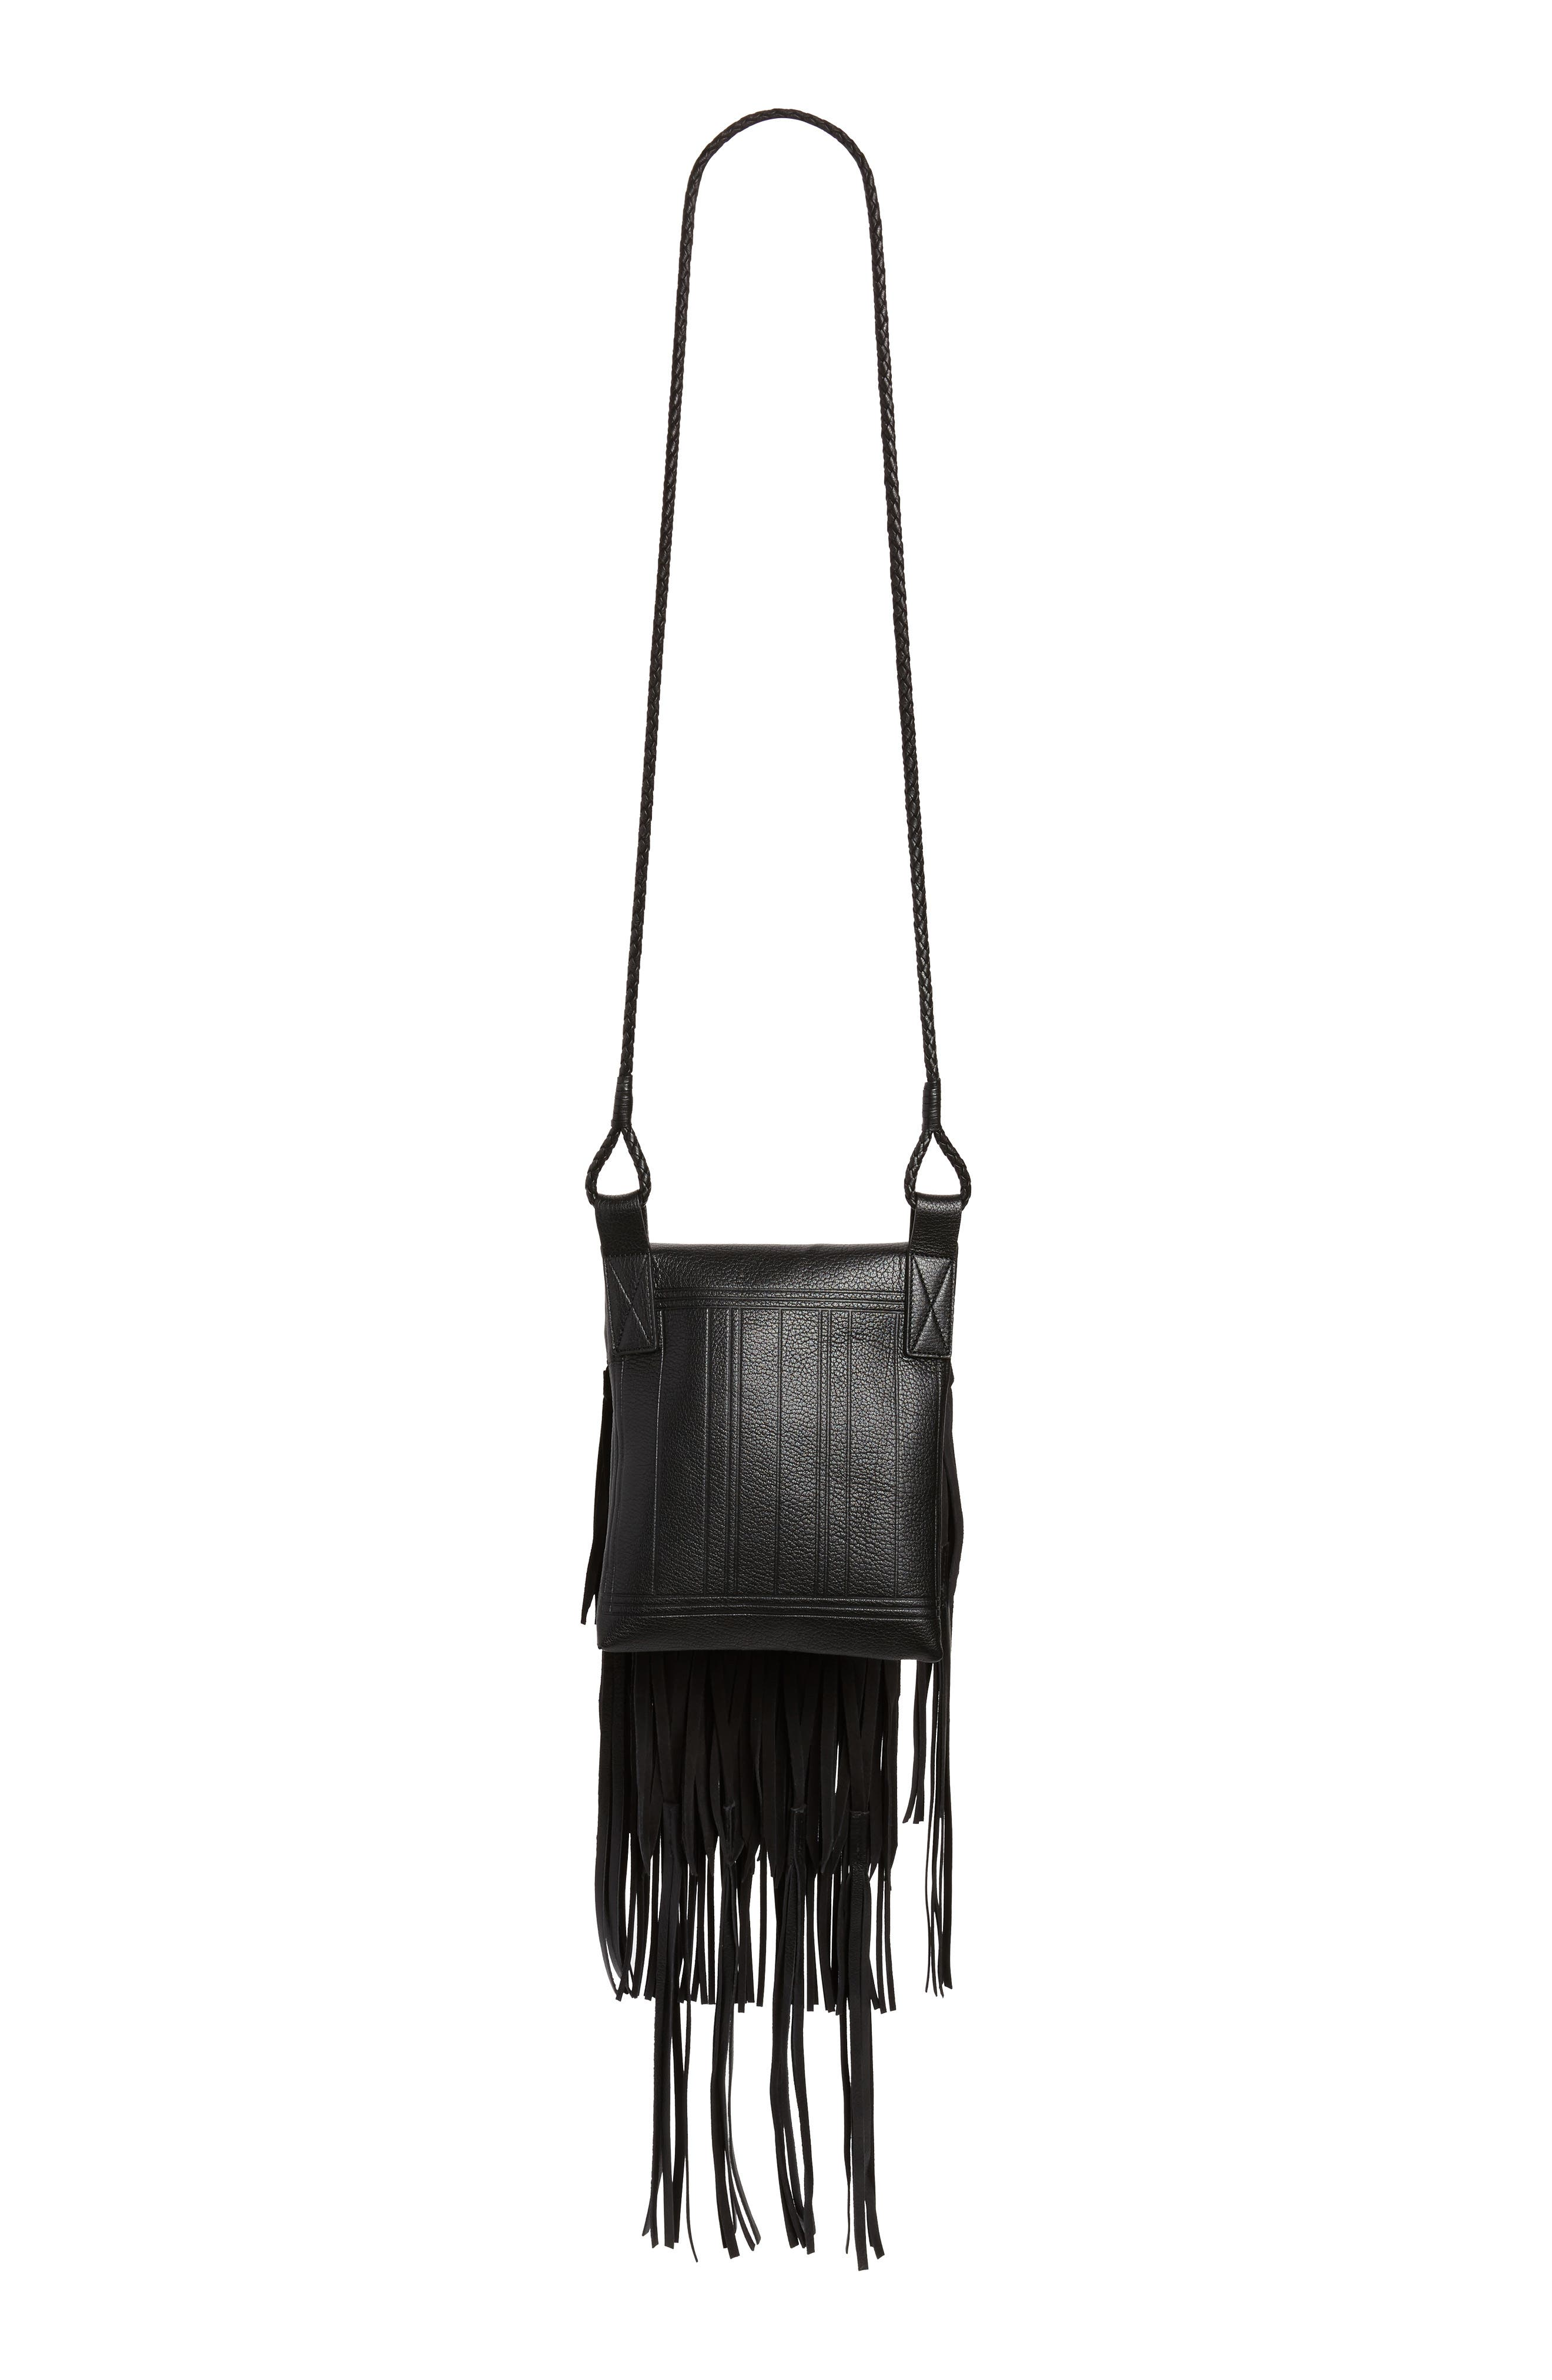 Saharienne Fringe Leather Crossbody Bag,                             Alternate thumbnail 3, color,                             Noir